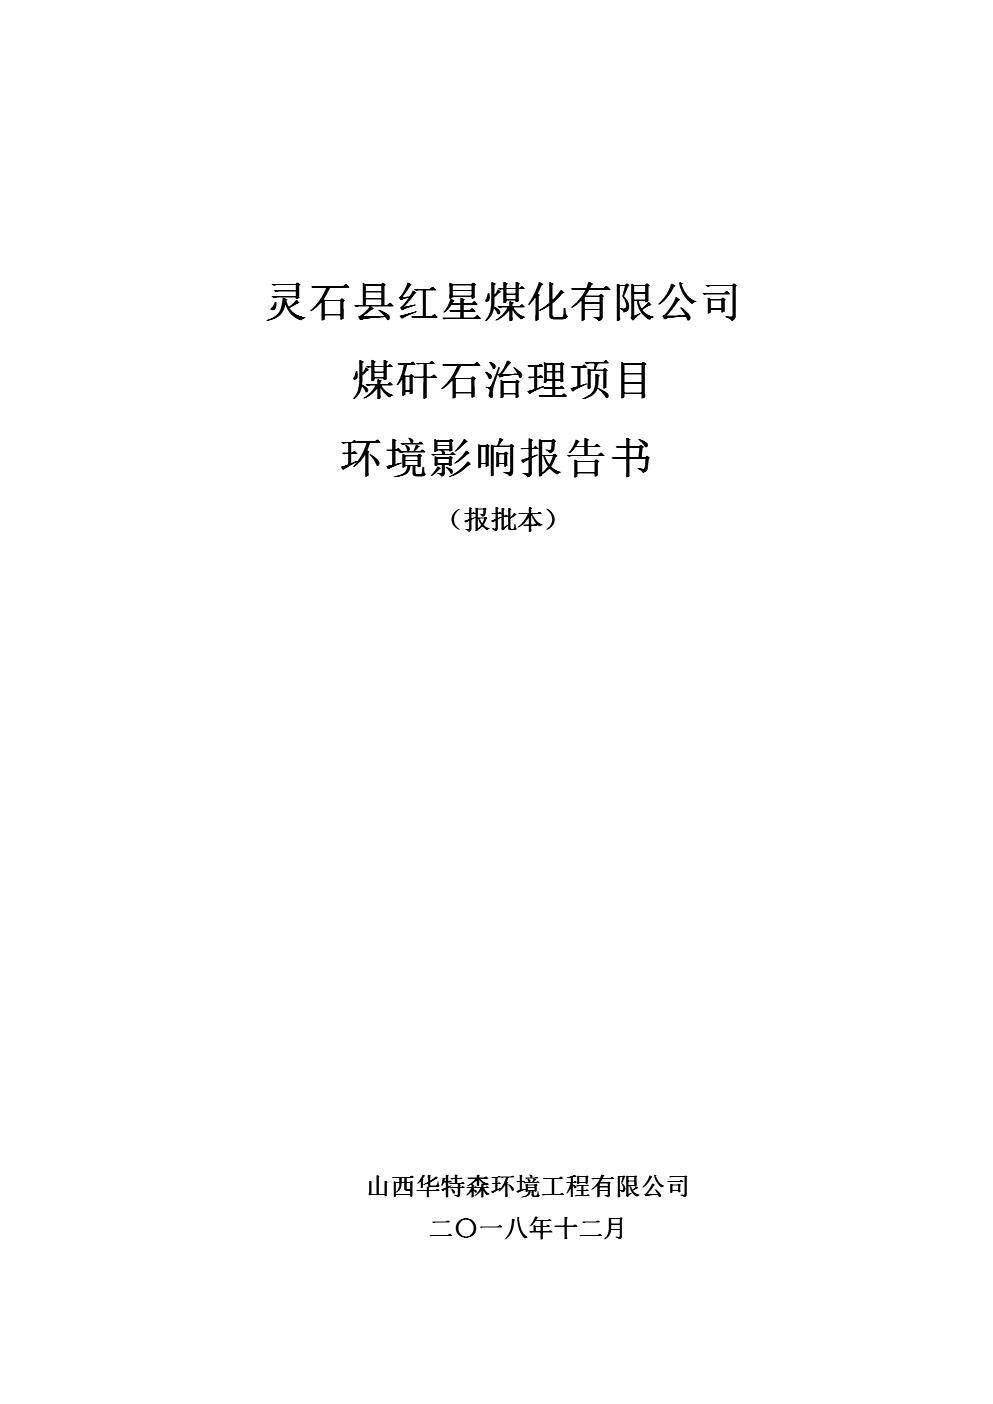 分手囹�a�i)�aj_2019年灵石县红星煤化有限公司.doc